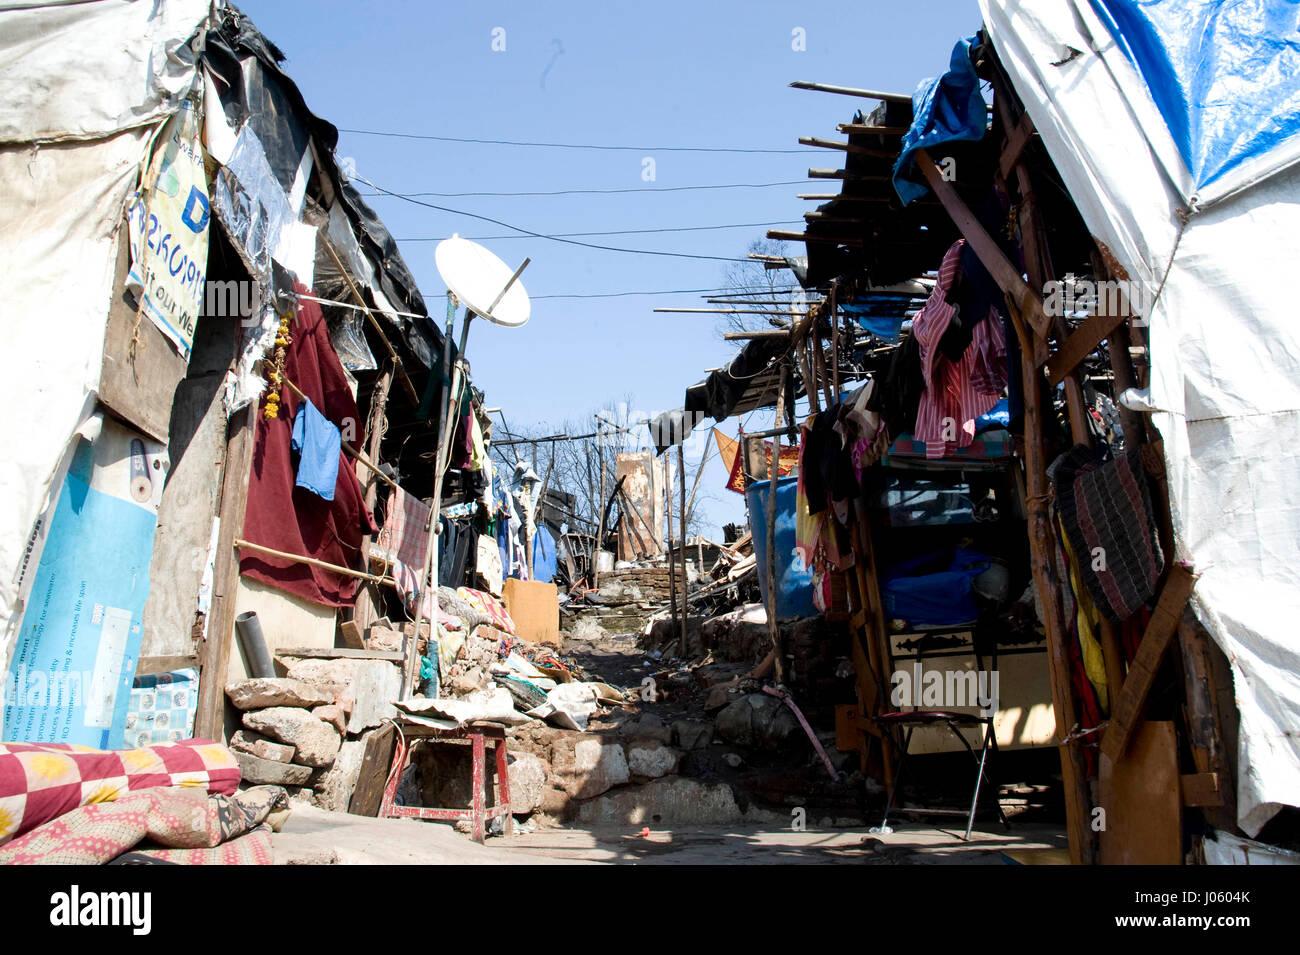 Slum, damu nagar, kandivali, mumbai, maharashtra, india, asia - Stock Image